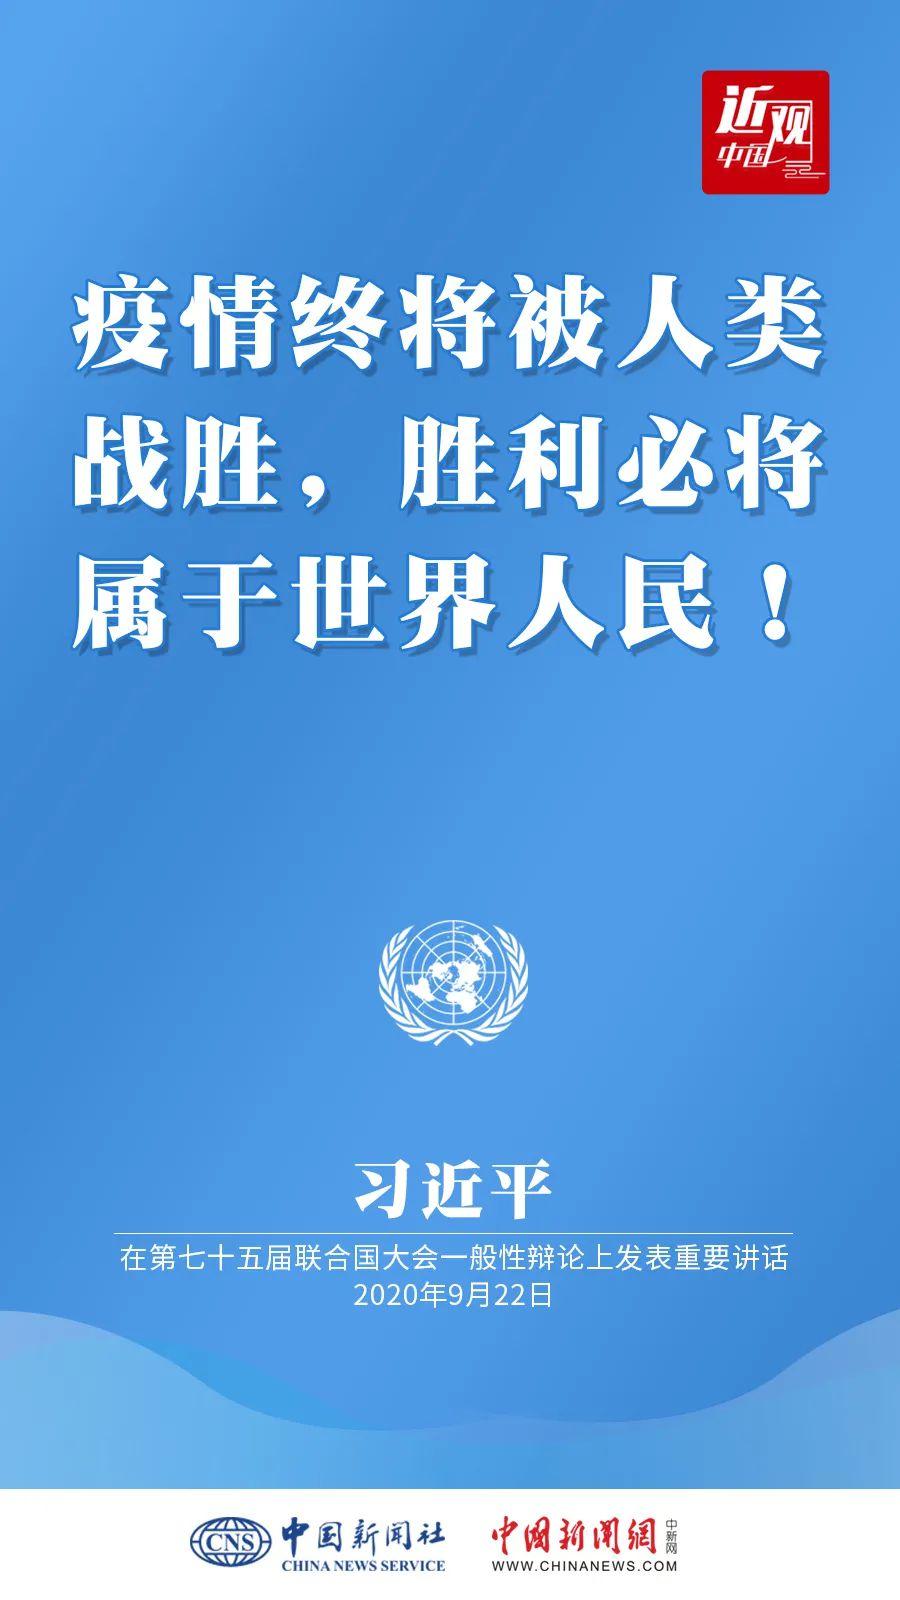 习近平:中国无意跟任何国家打冷战热战